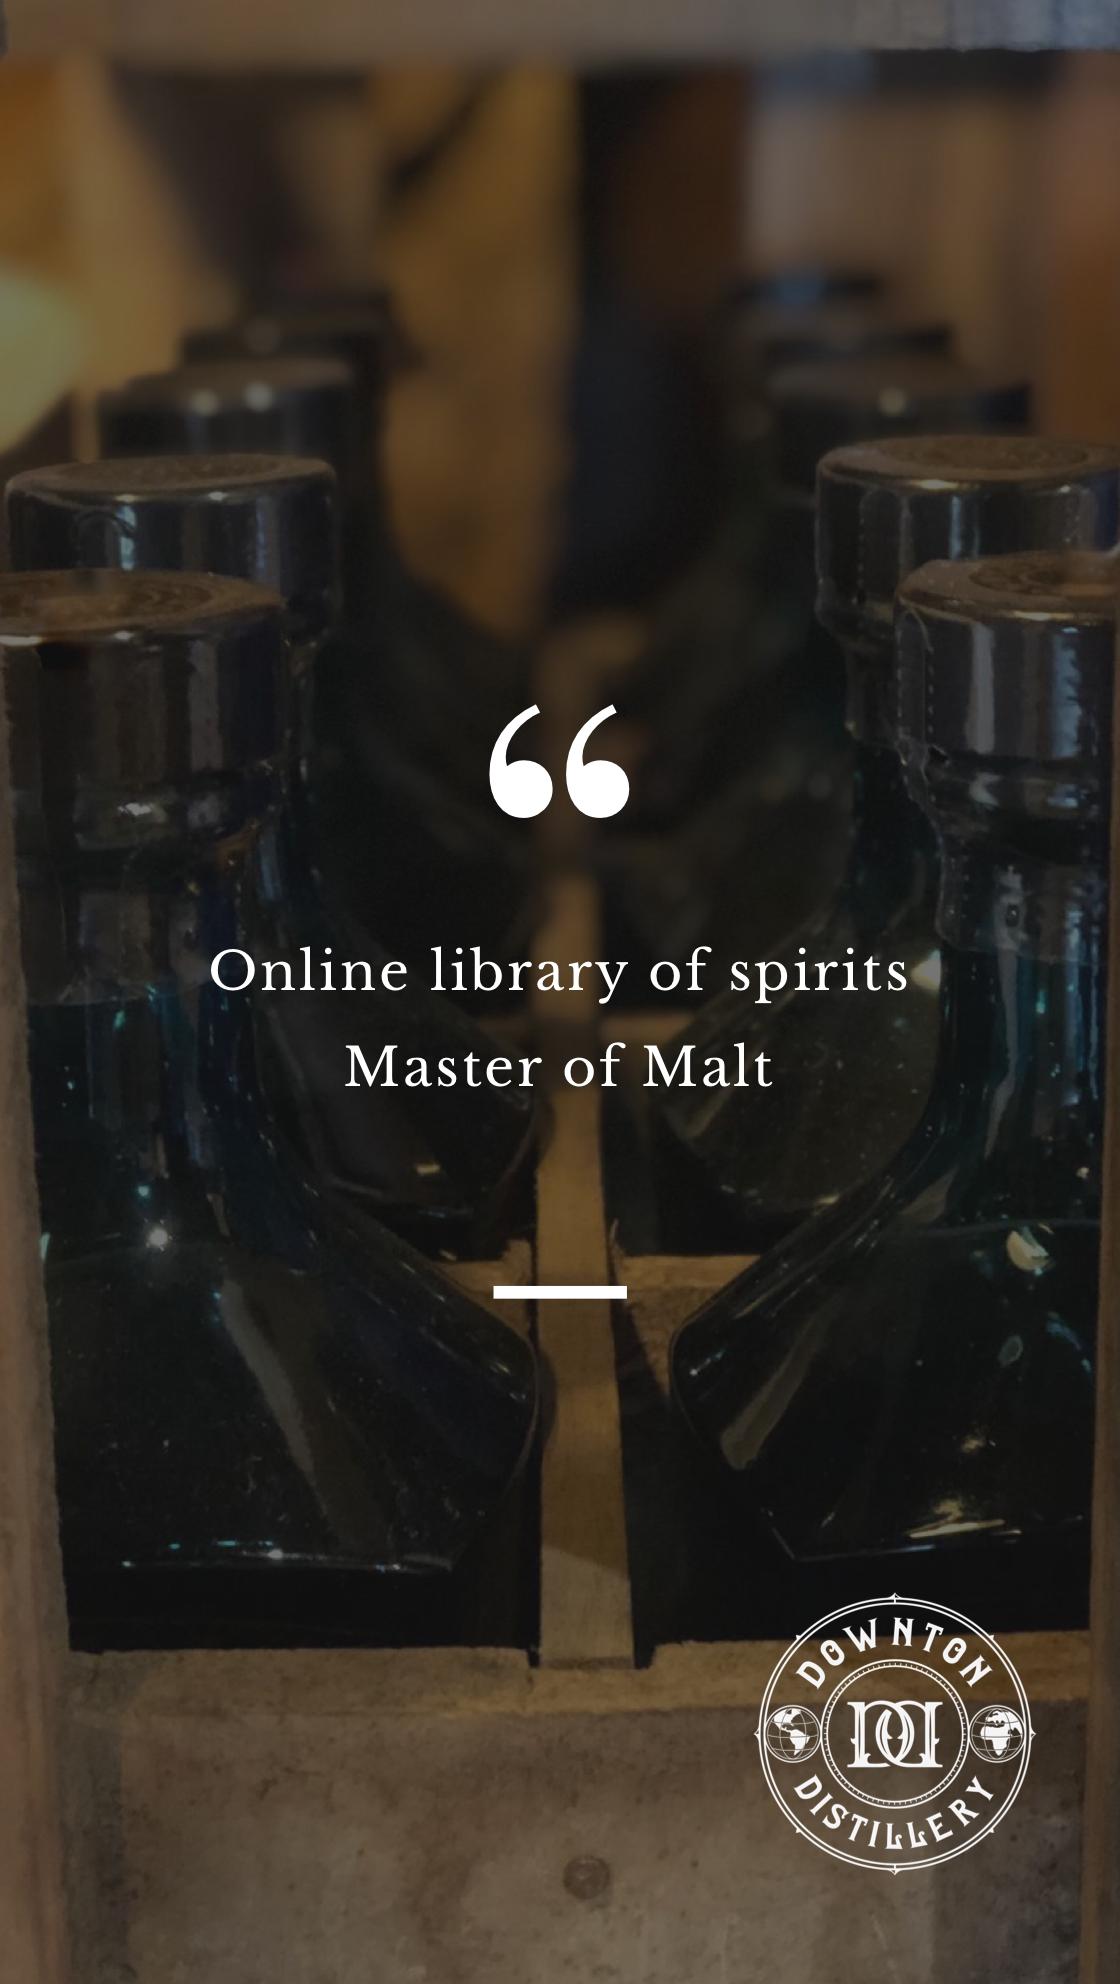 Master of Malt Downton Distillery